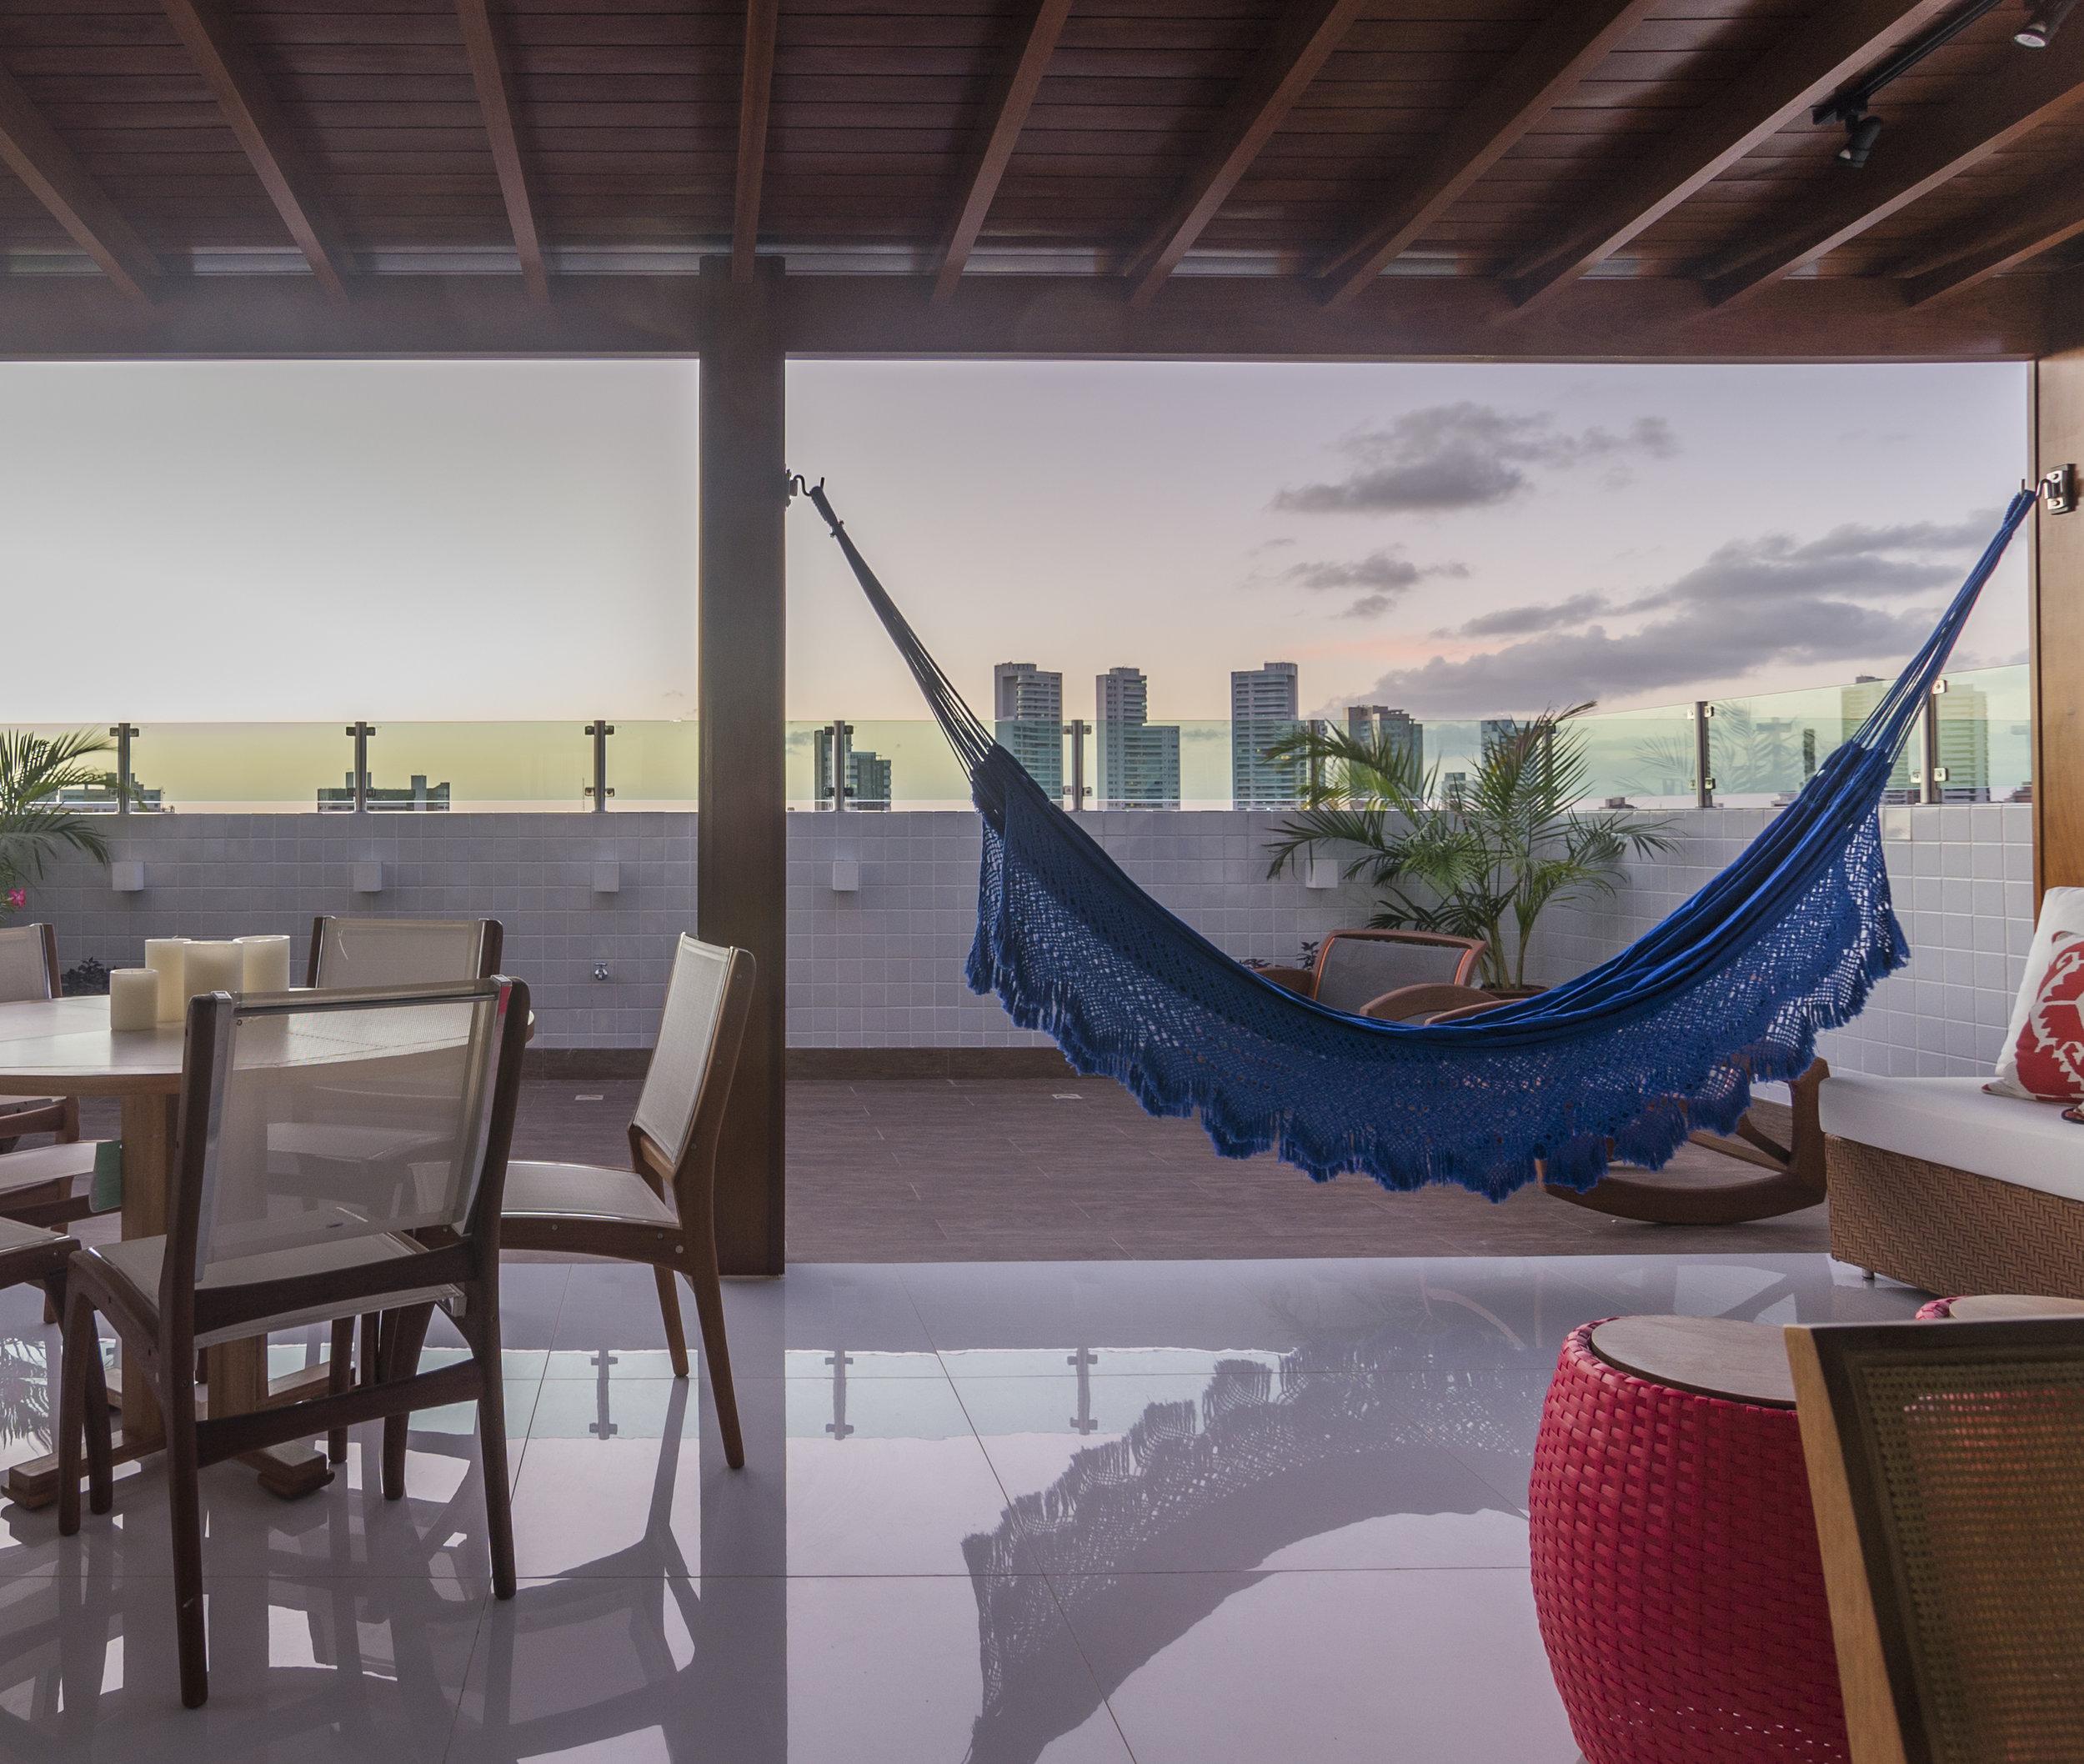 projeto-arquitetonico-robertoindira-duo-arquitetura-apartamentos-gourmet-08.jpg